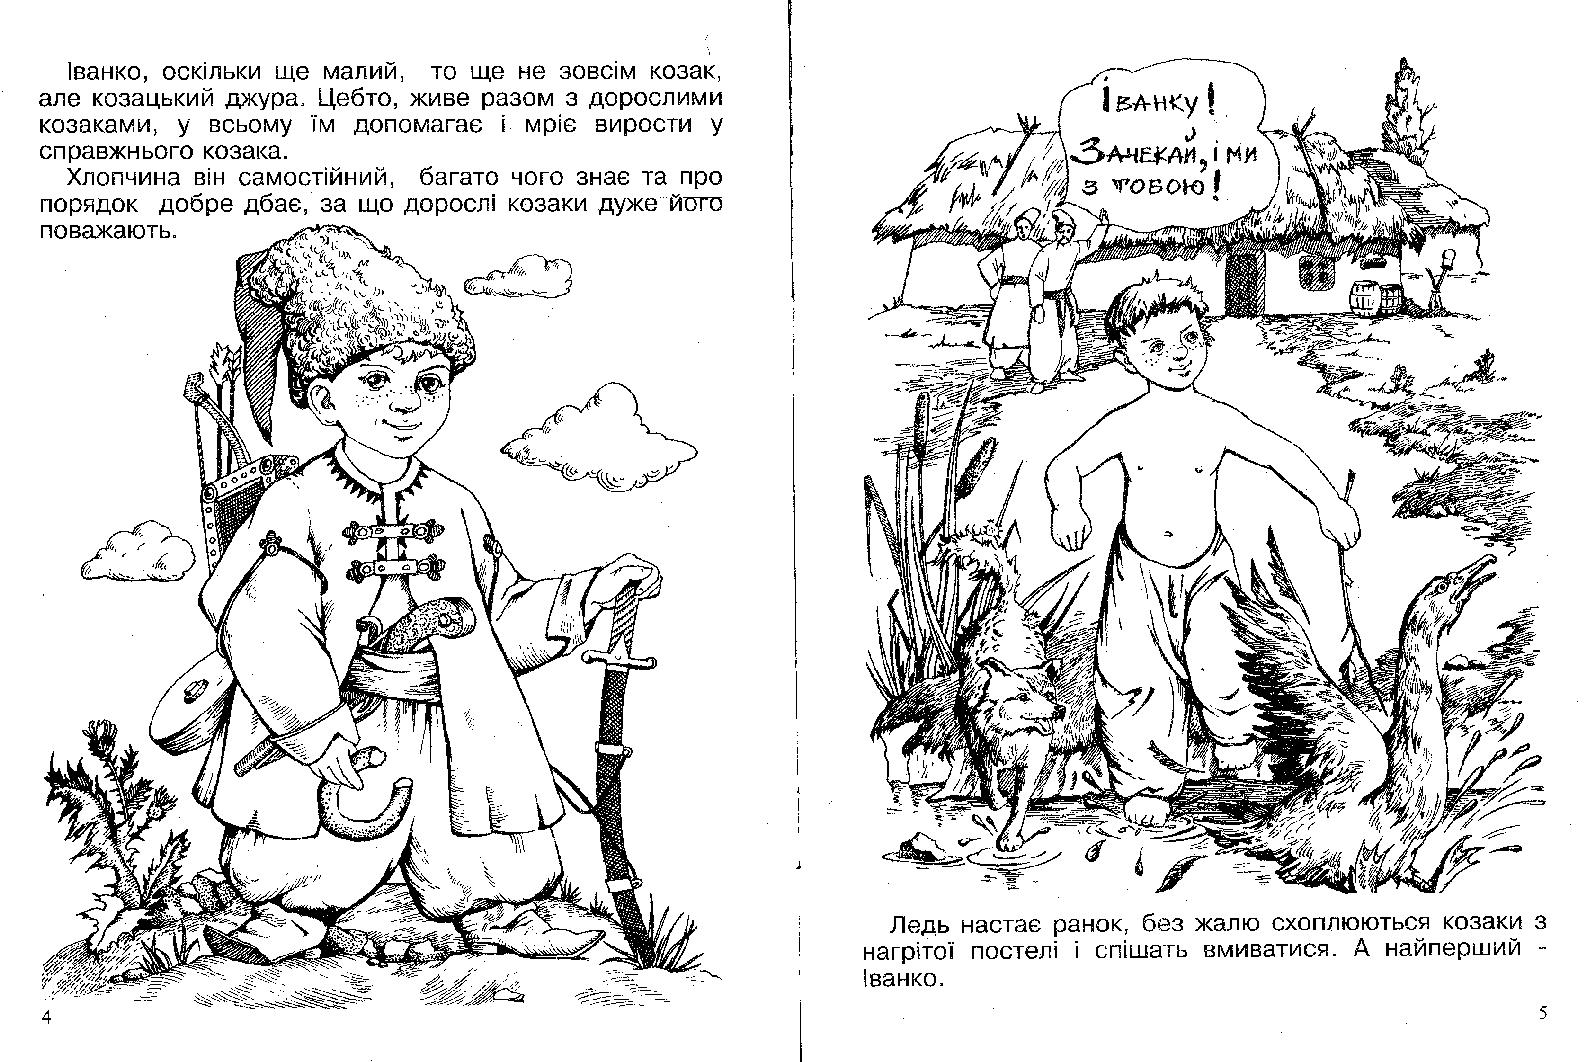 Ілюстрація з книги Про козака-малюка